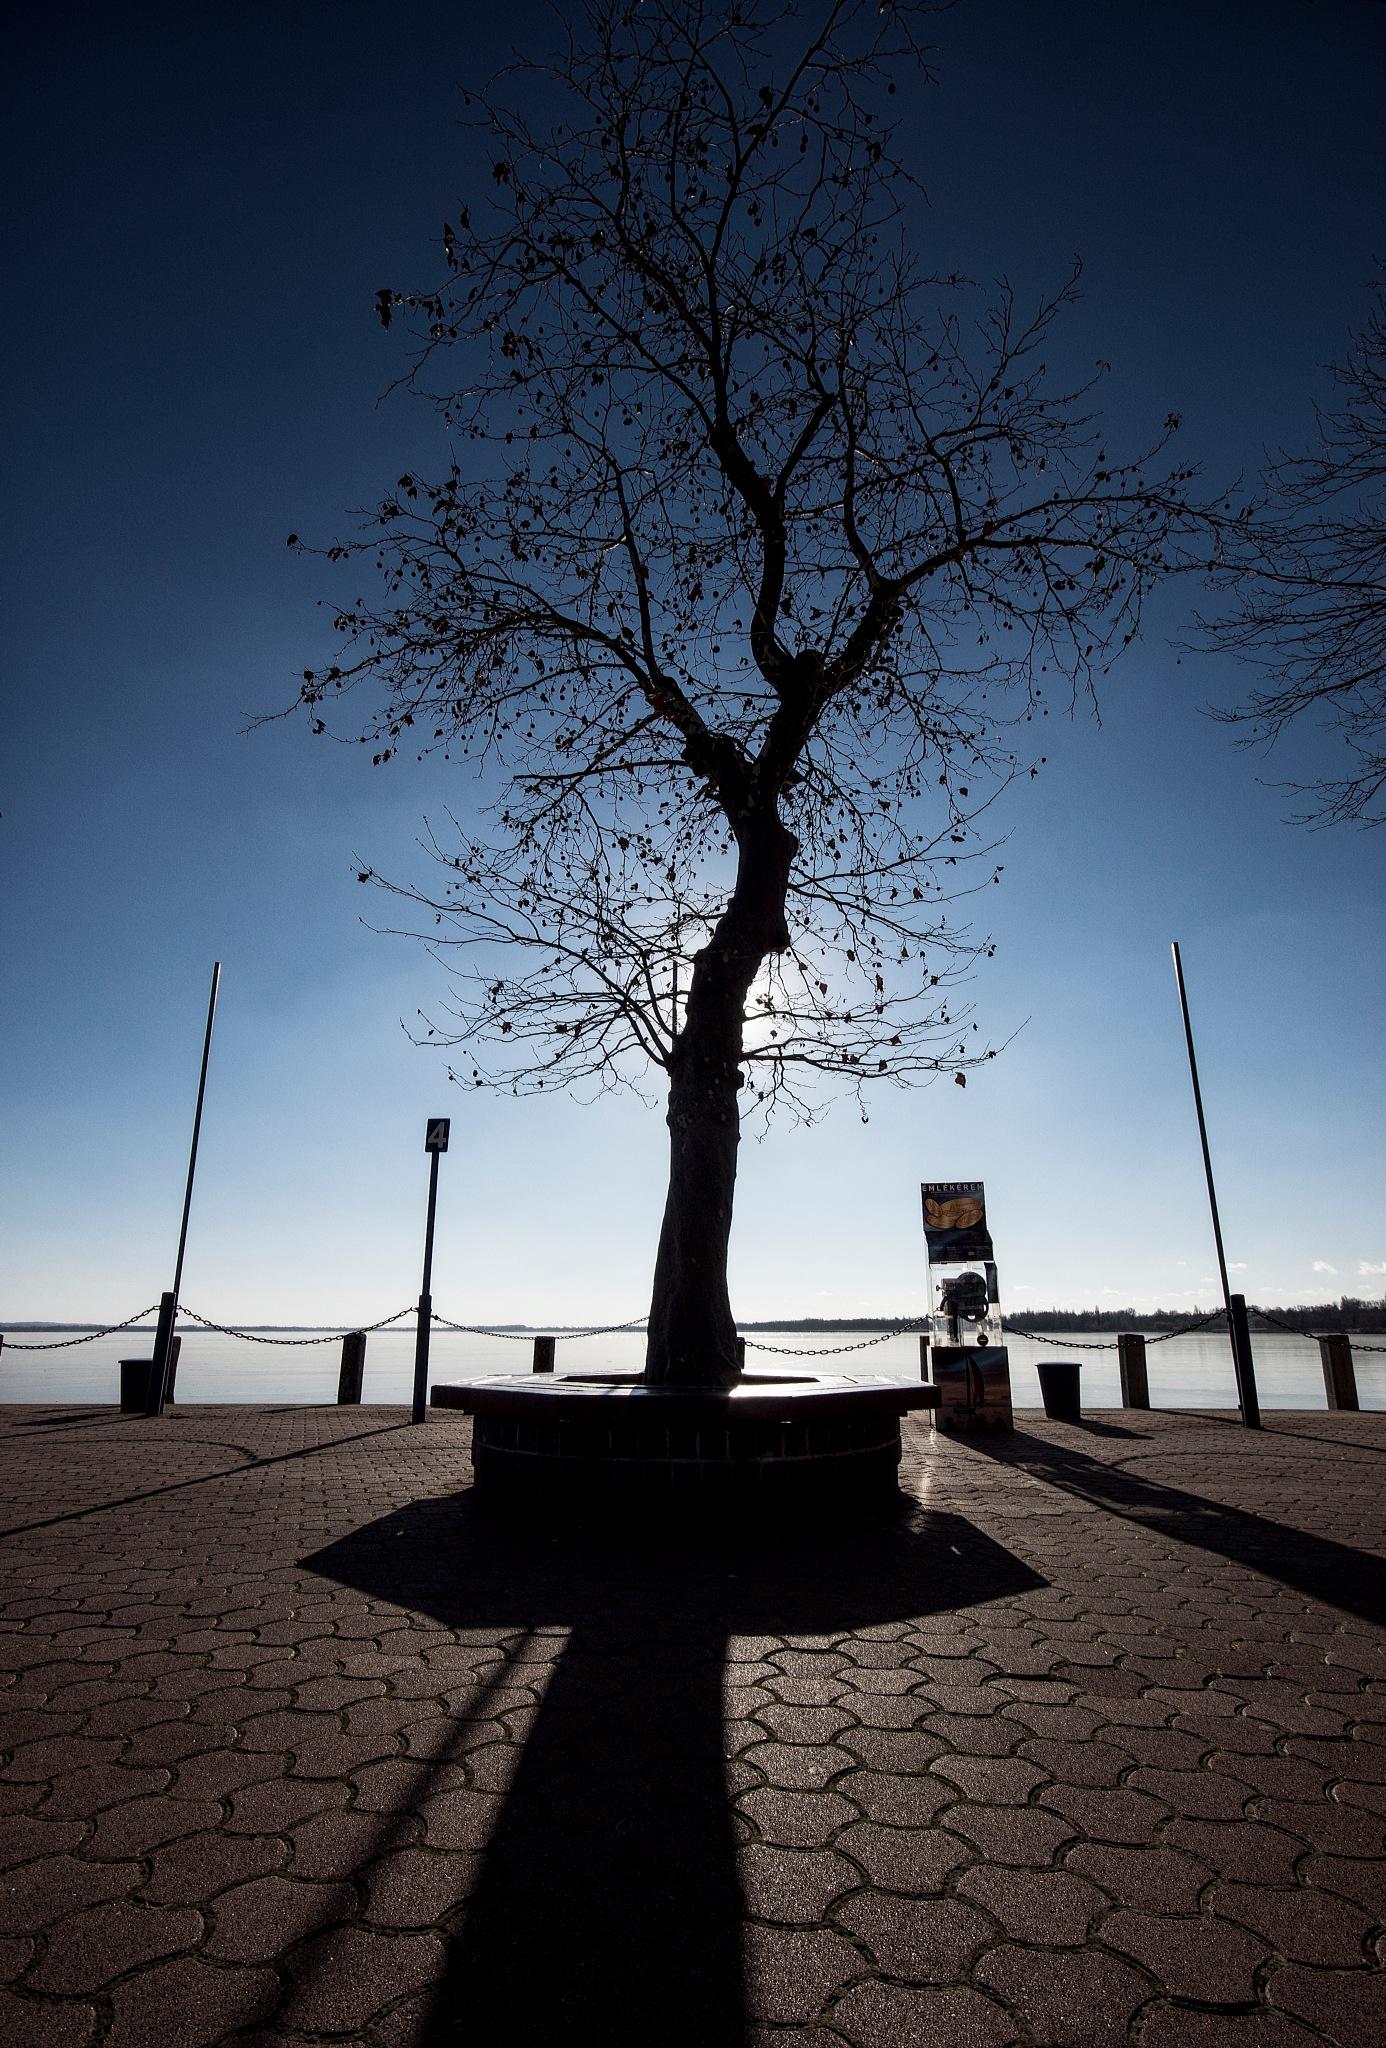 tree 2 by Sevoir